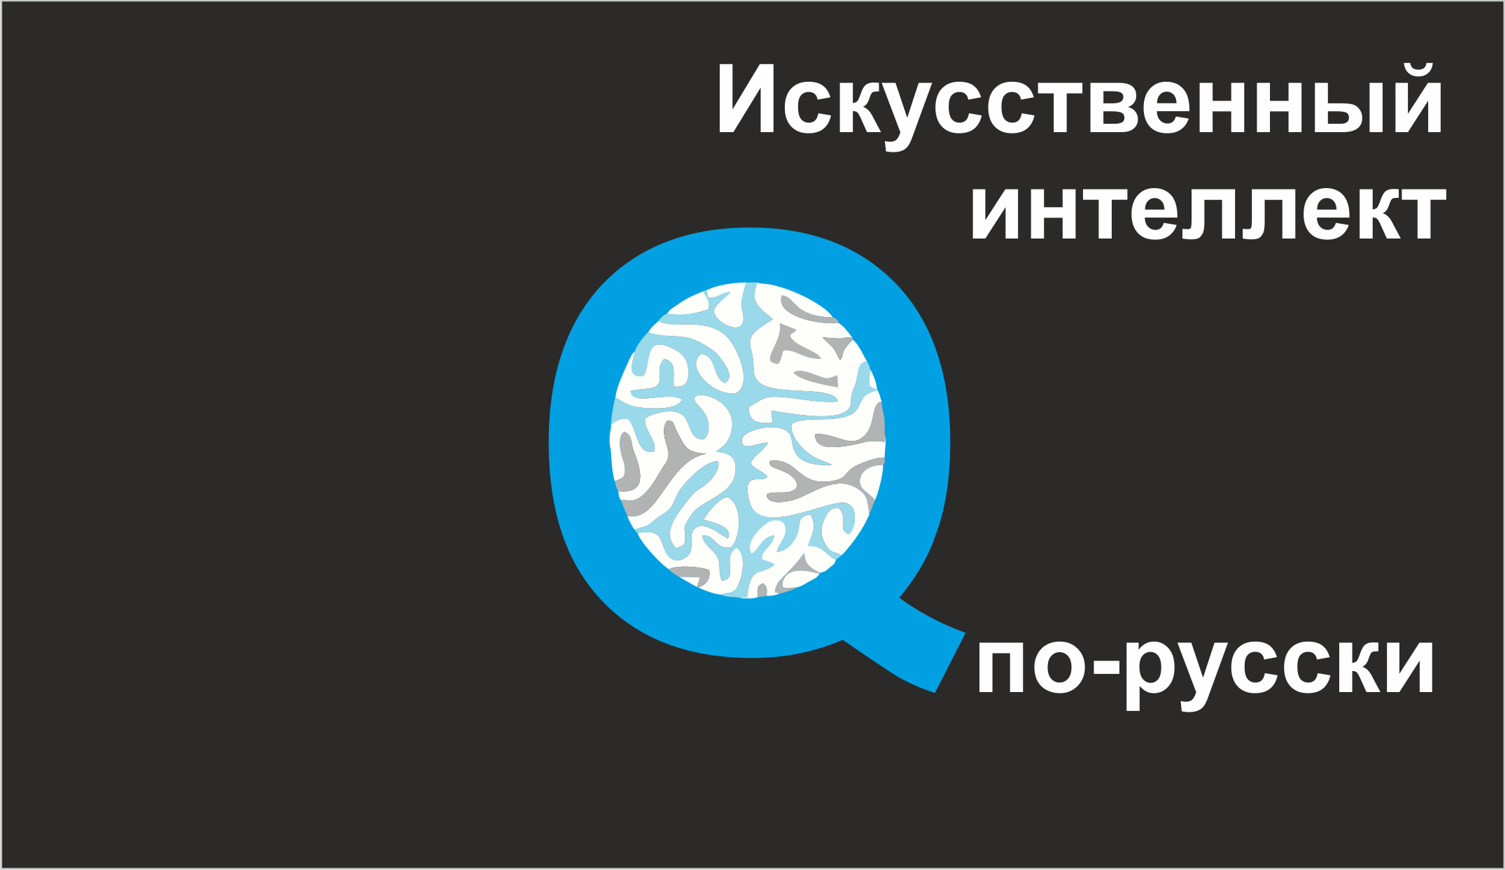 Искусственный интеллект.как сделать